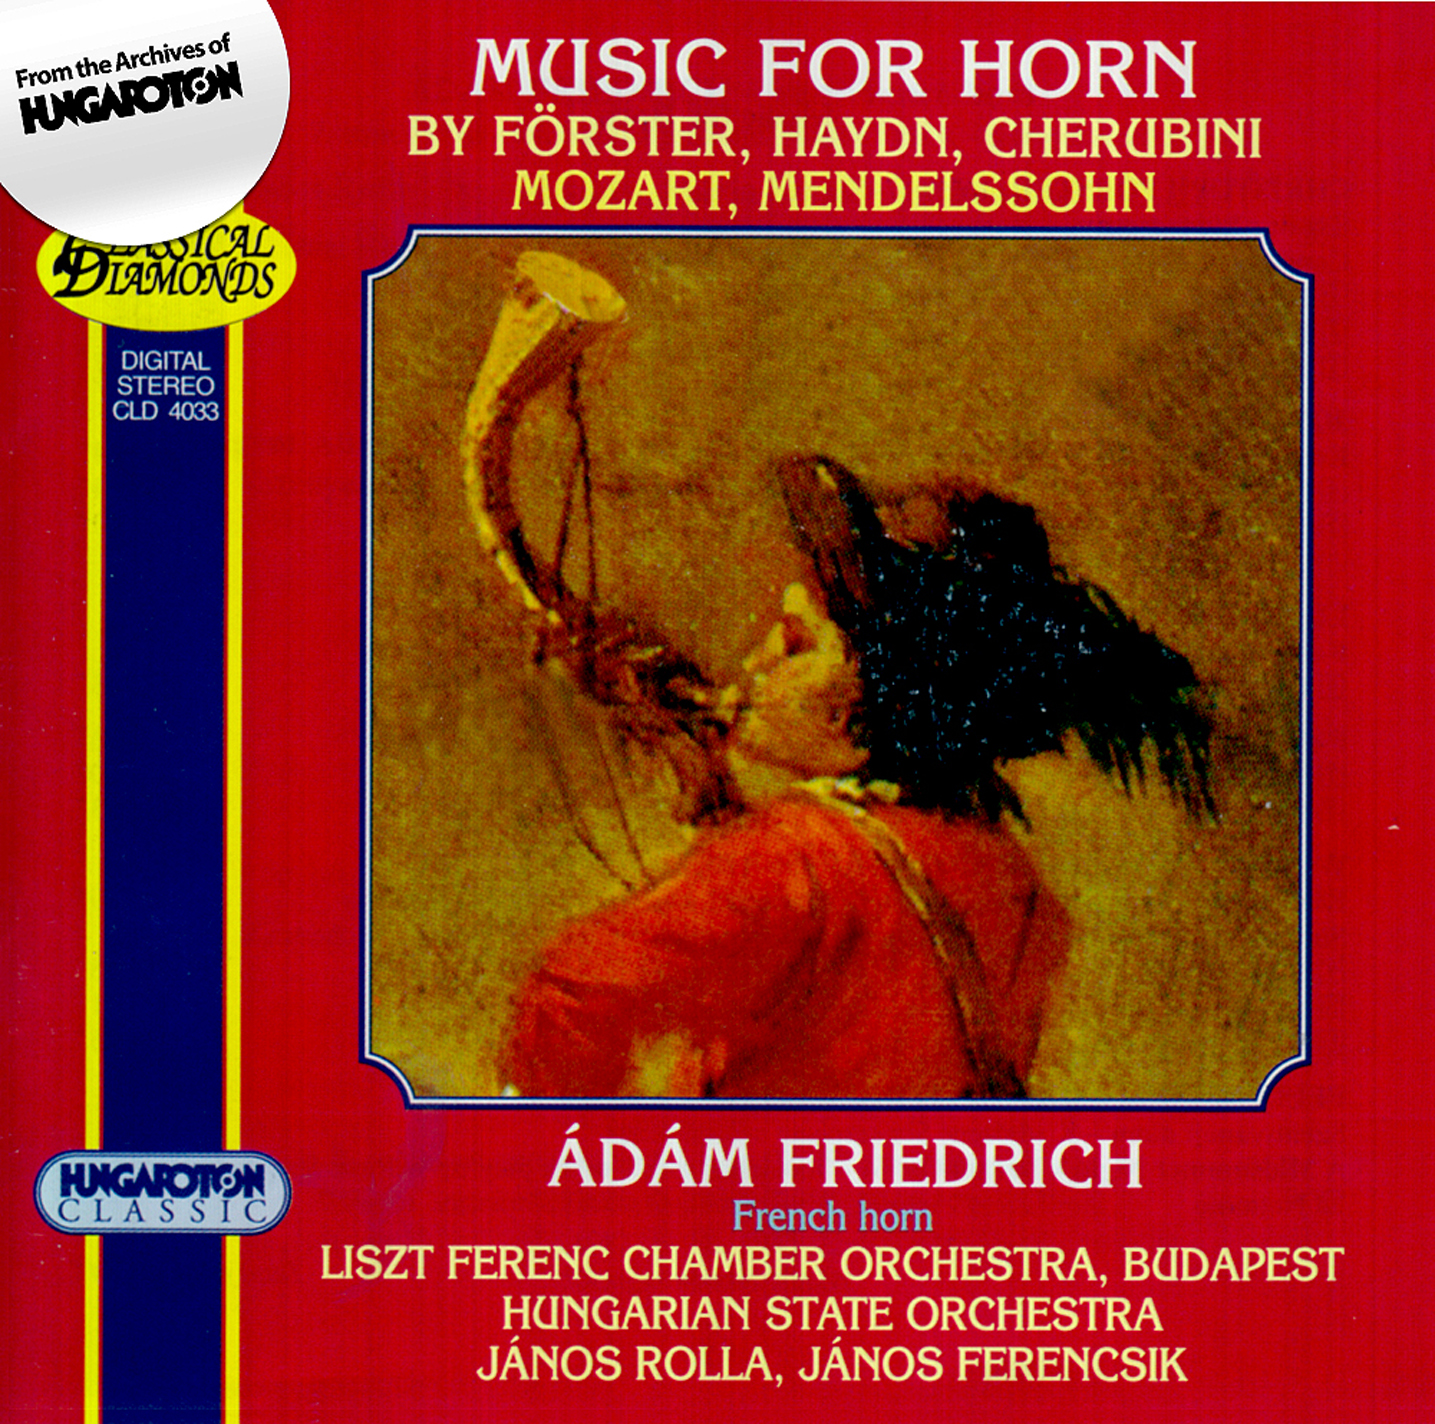 Forster - Haydn - Cherubini - Mozart - Mendelssohn: Works for Horn